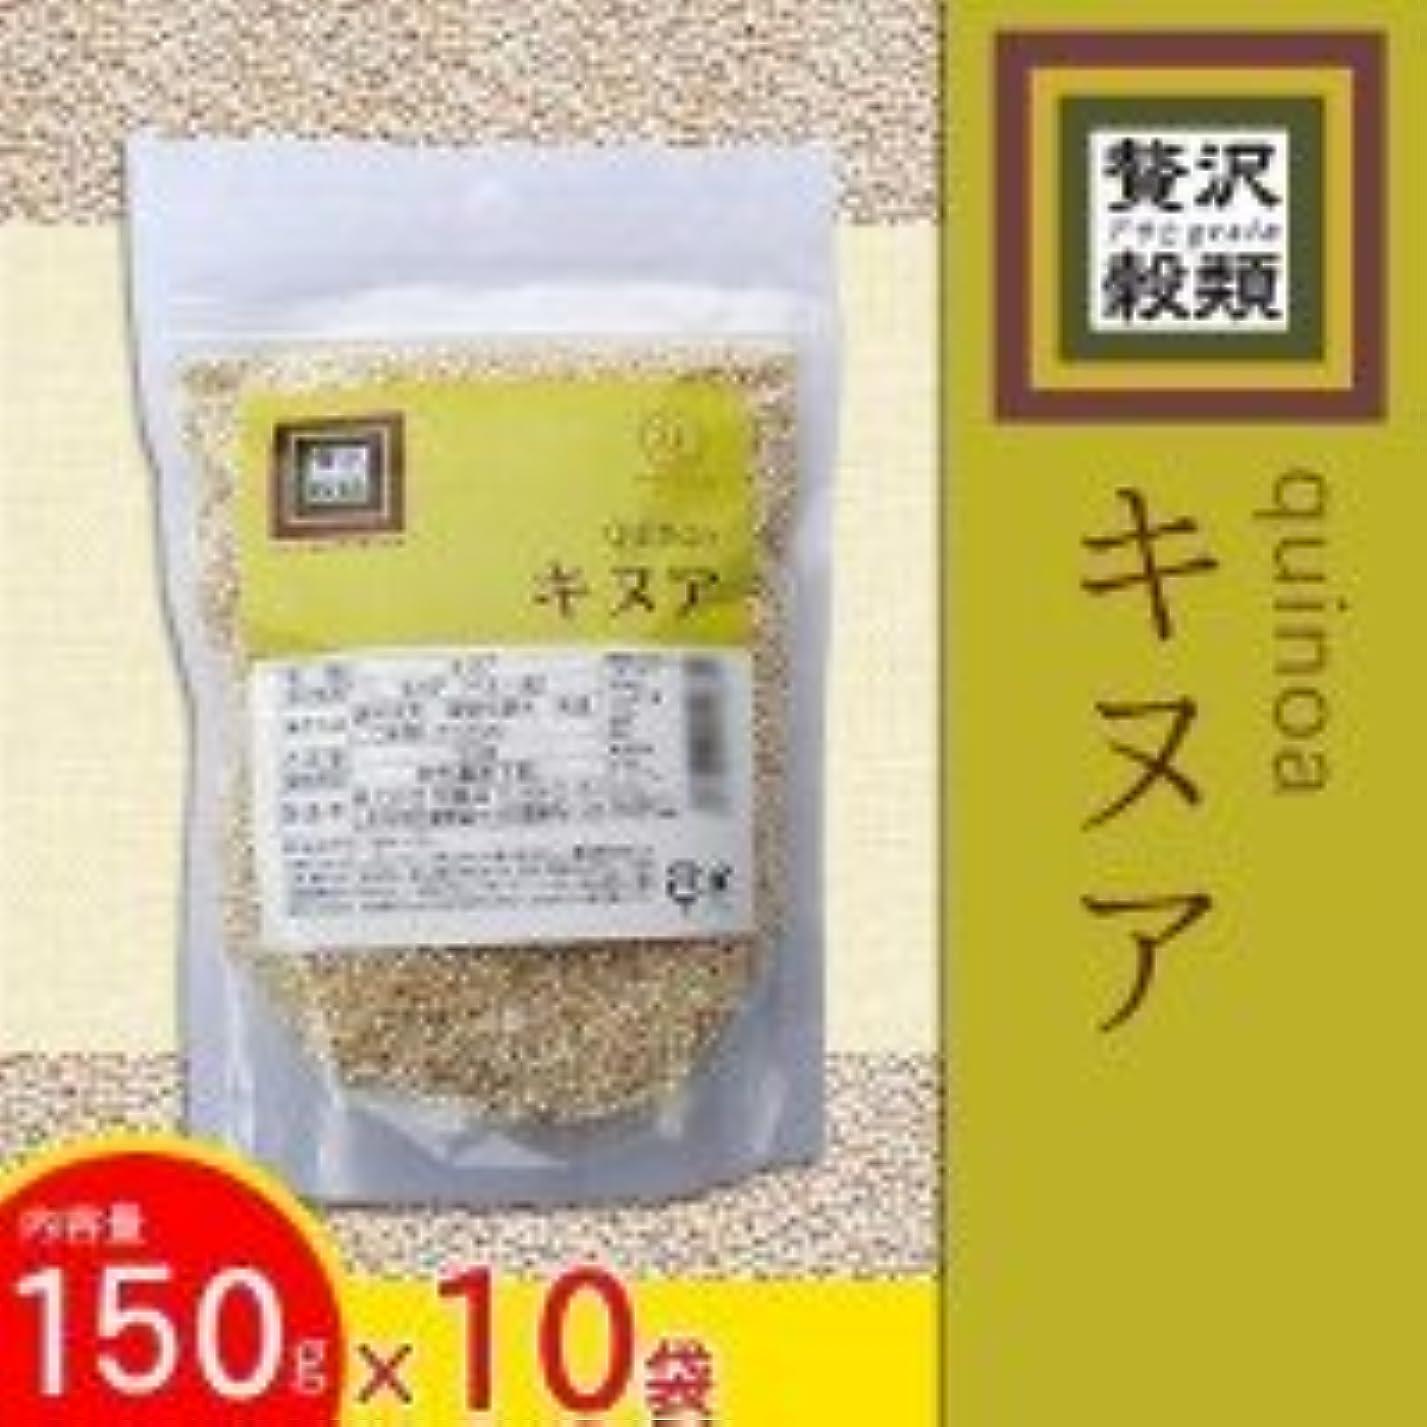 水族館に付ける船酔い贅沢穀類 キヌア 150g×10袋